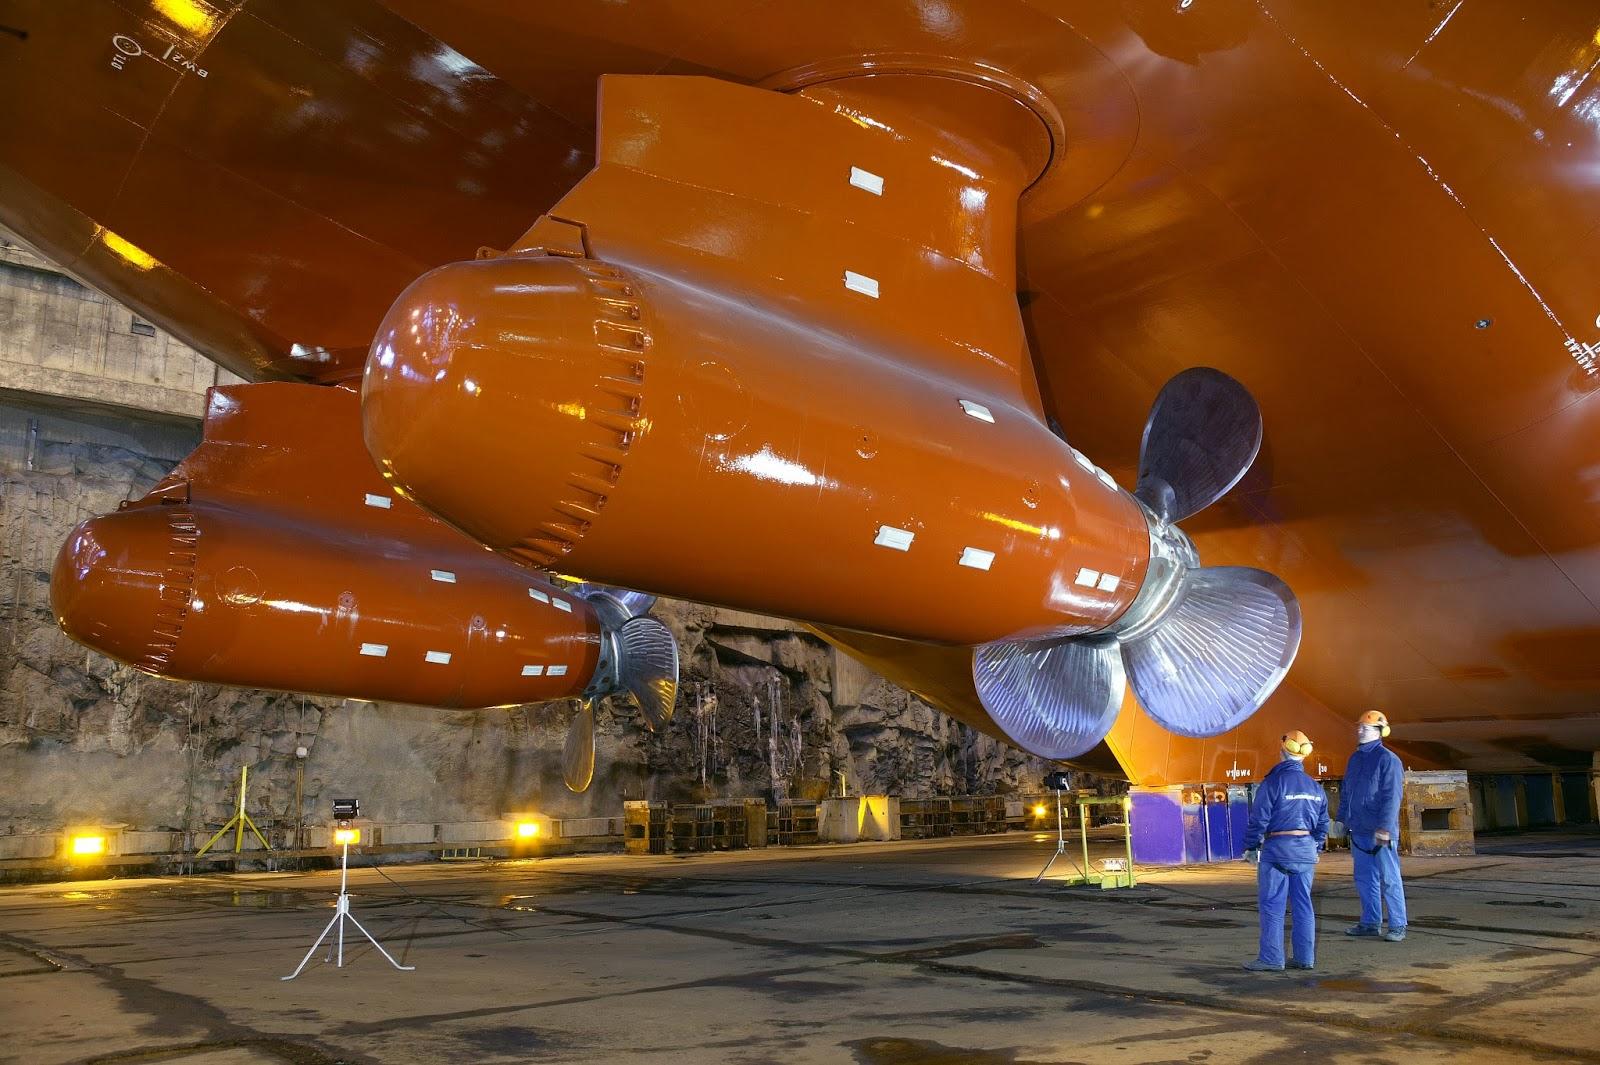 Schemi Elettrici Navi : Abb 25 milioni di dollari per due navi rompighiaccio russe primo